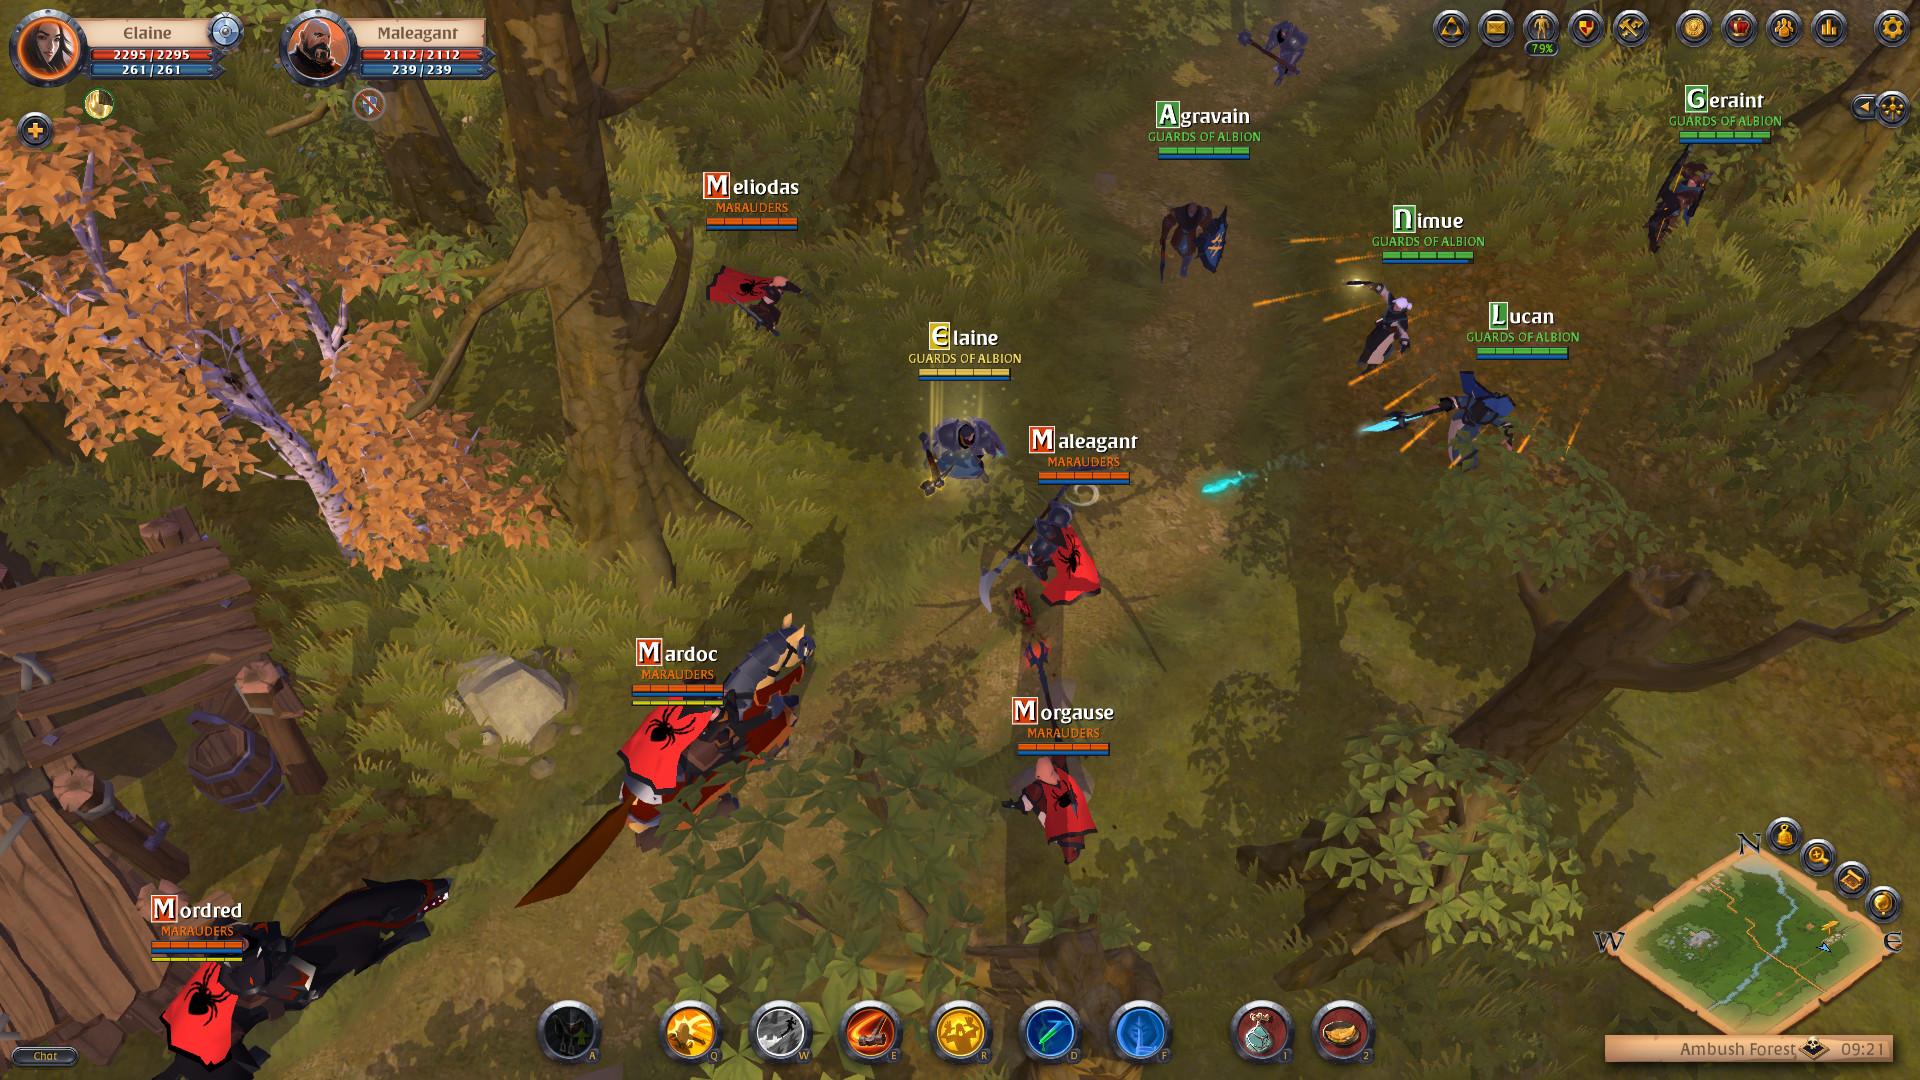 Albion Online on Steam